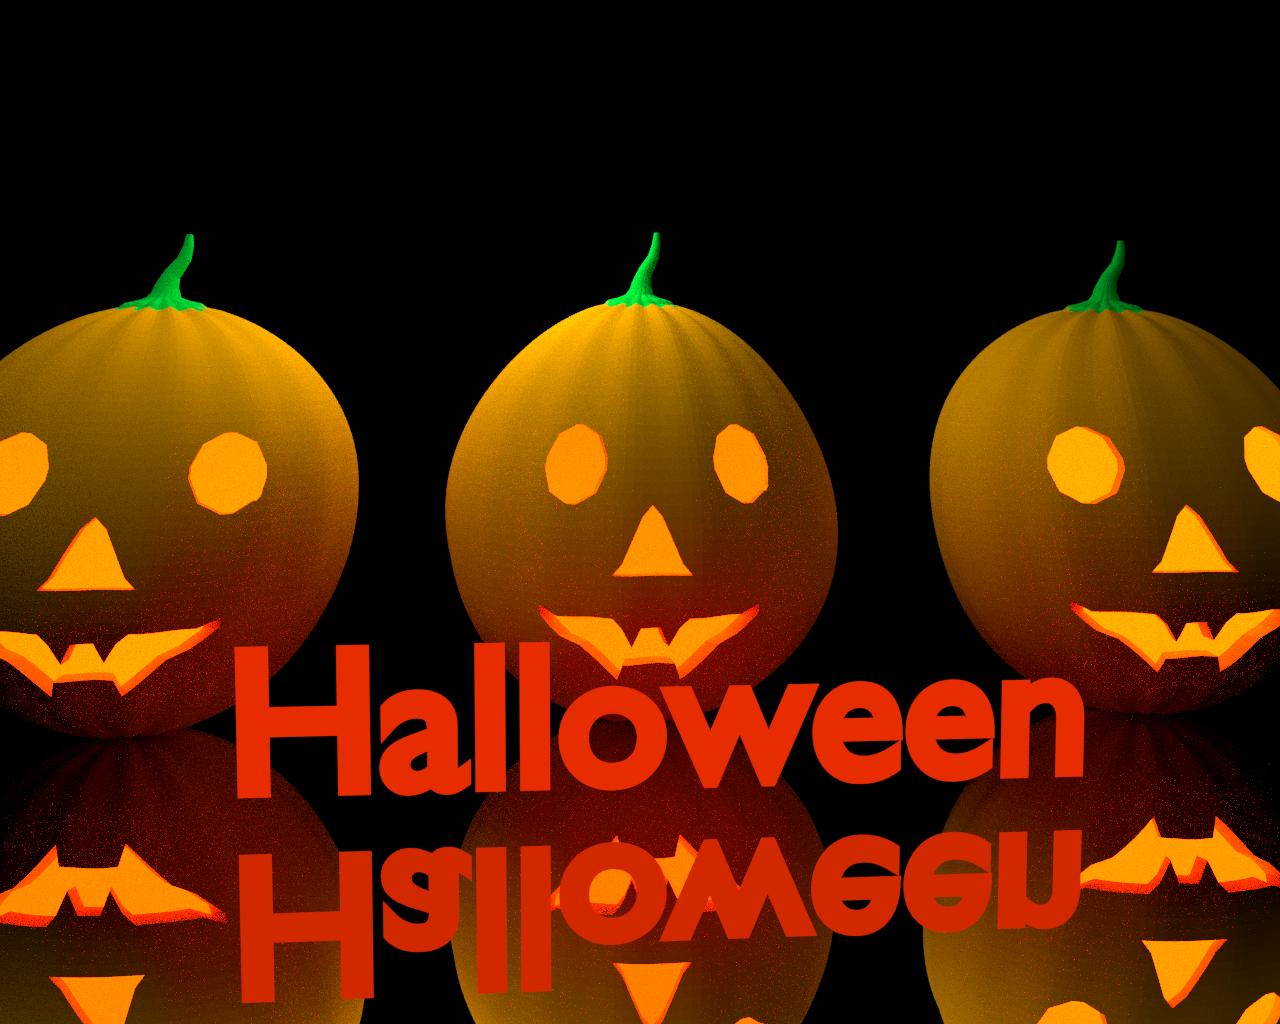 Banco de imagenes y fotos gratis calabazas de halloween - Calabazas halloween originales para ninos ...